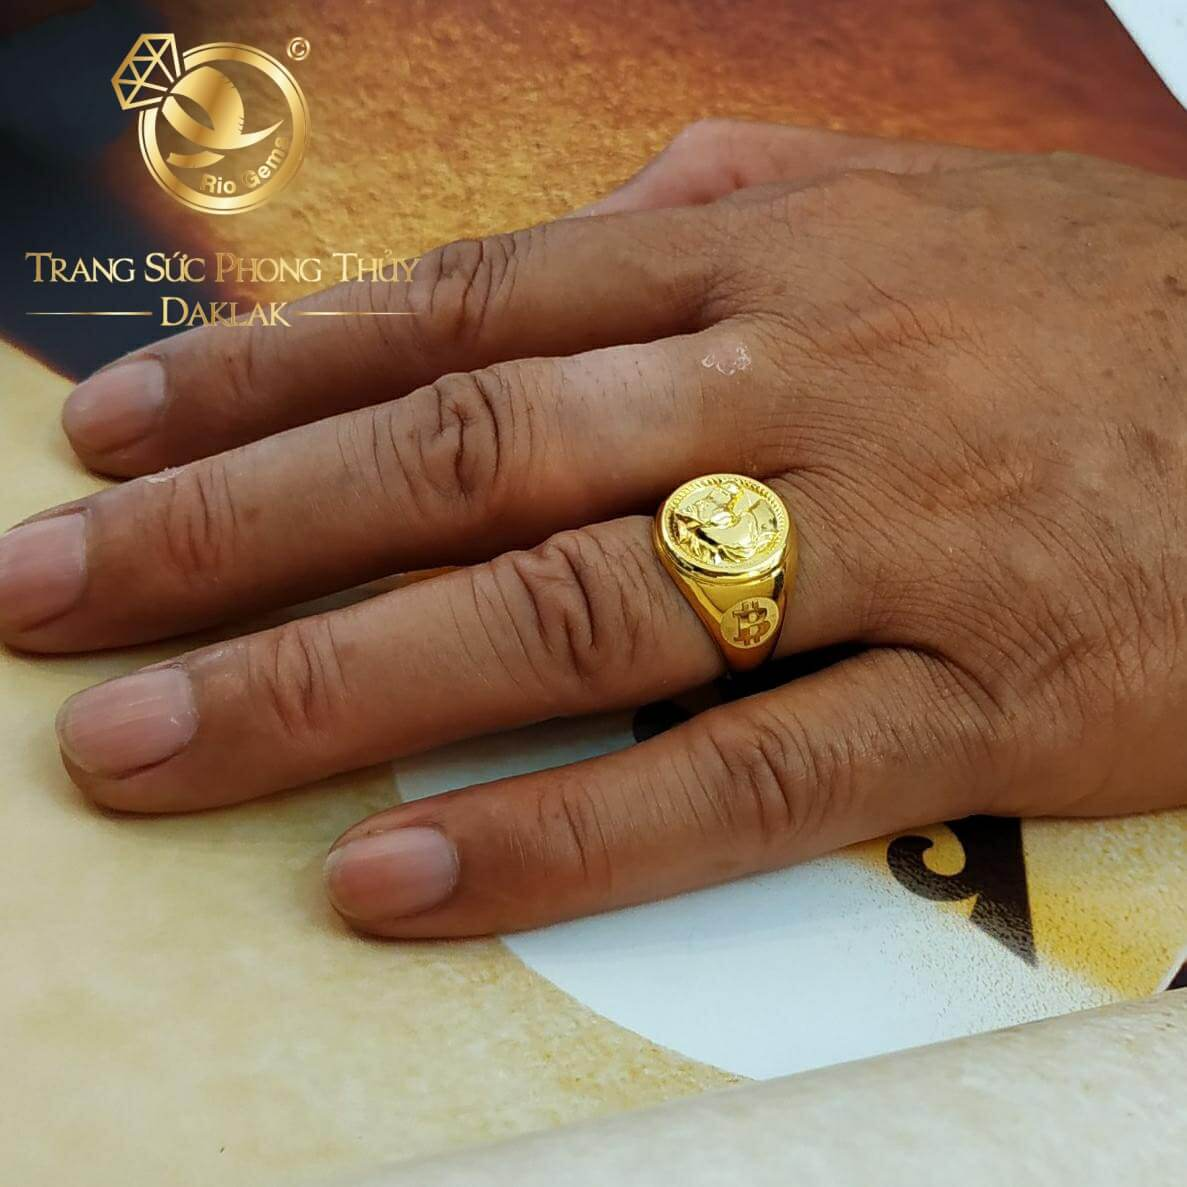 Nhẫn BITCOIN Vàng mang lại may mắn